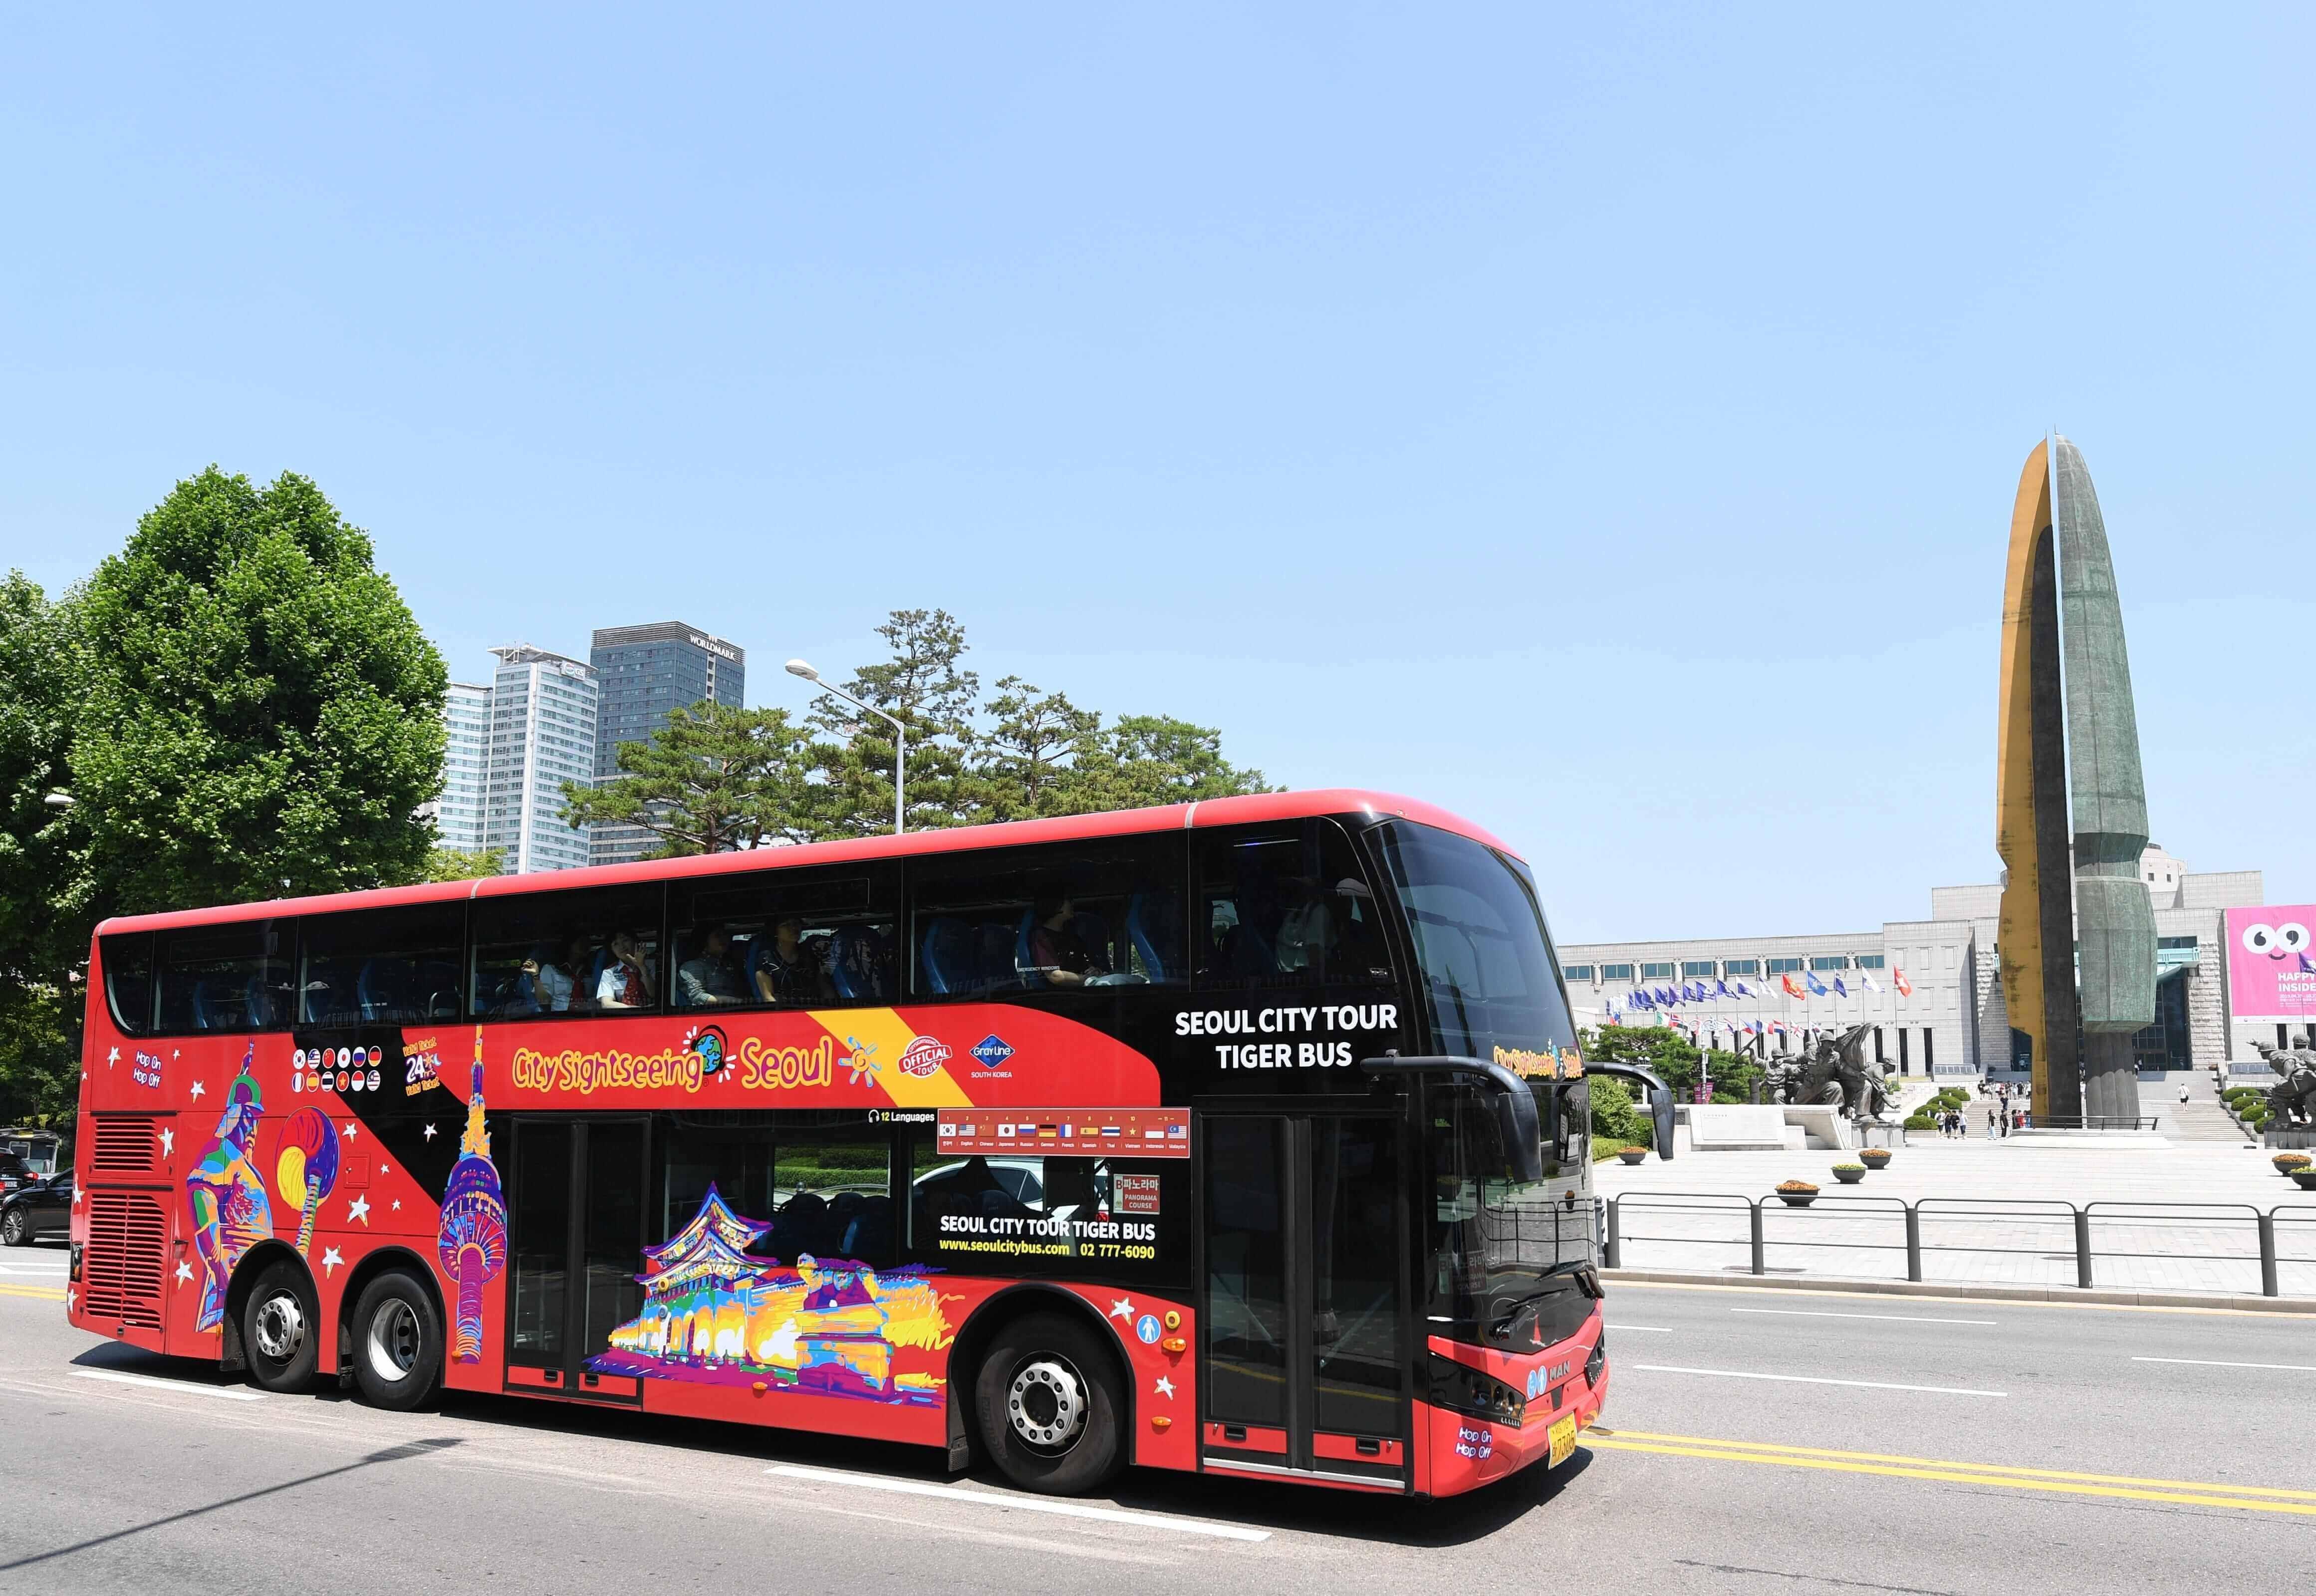 Seoul Hop-on Hop-off Bus Tour